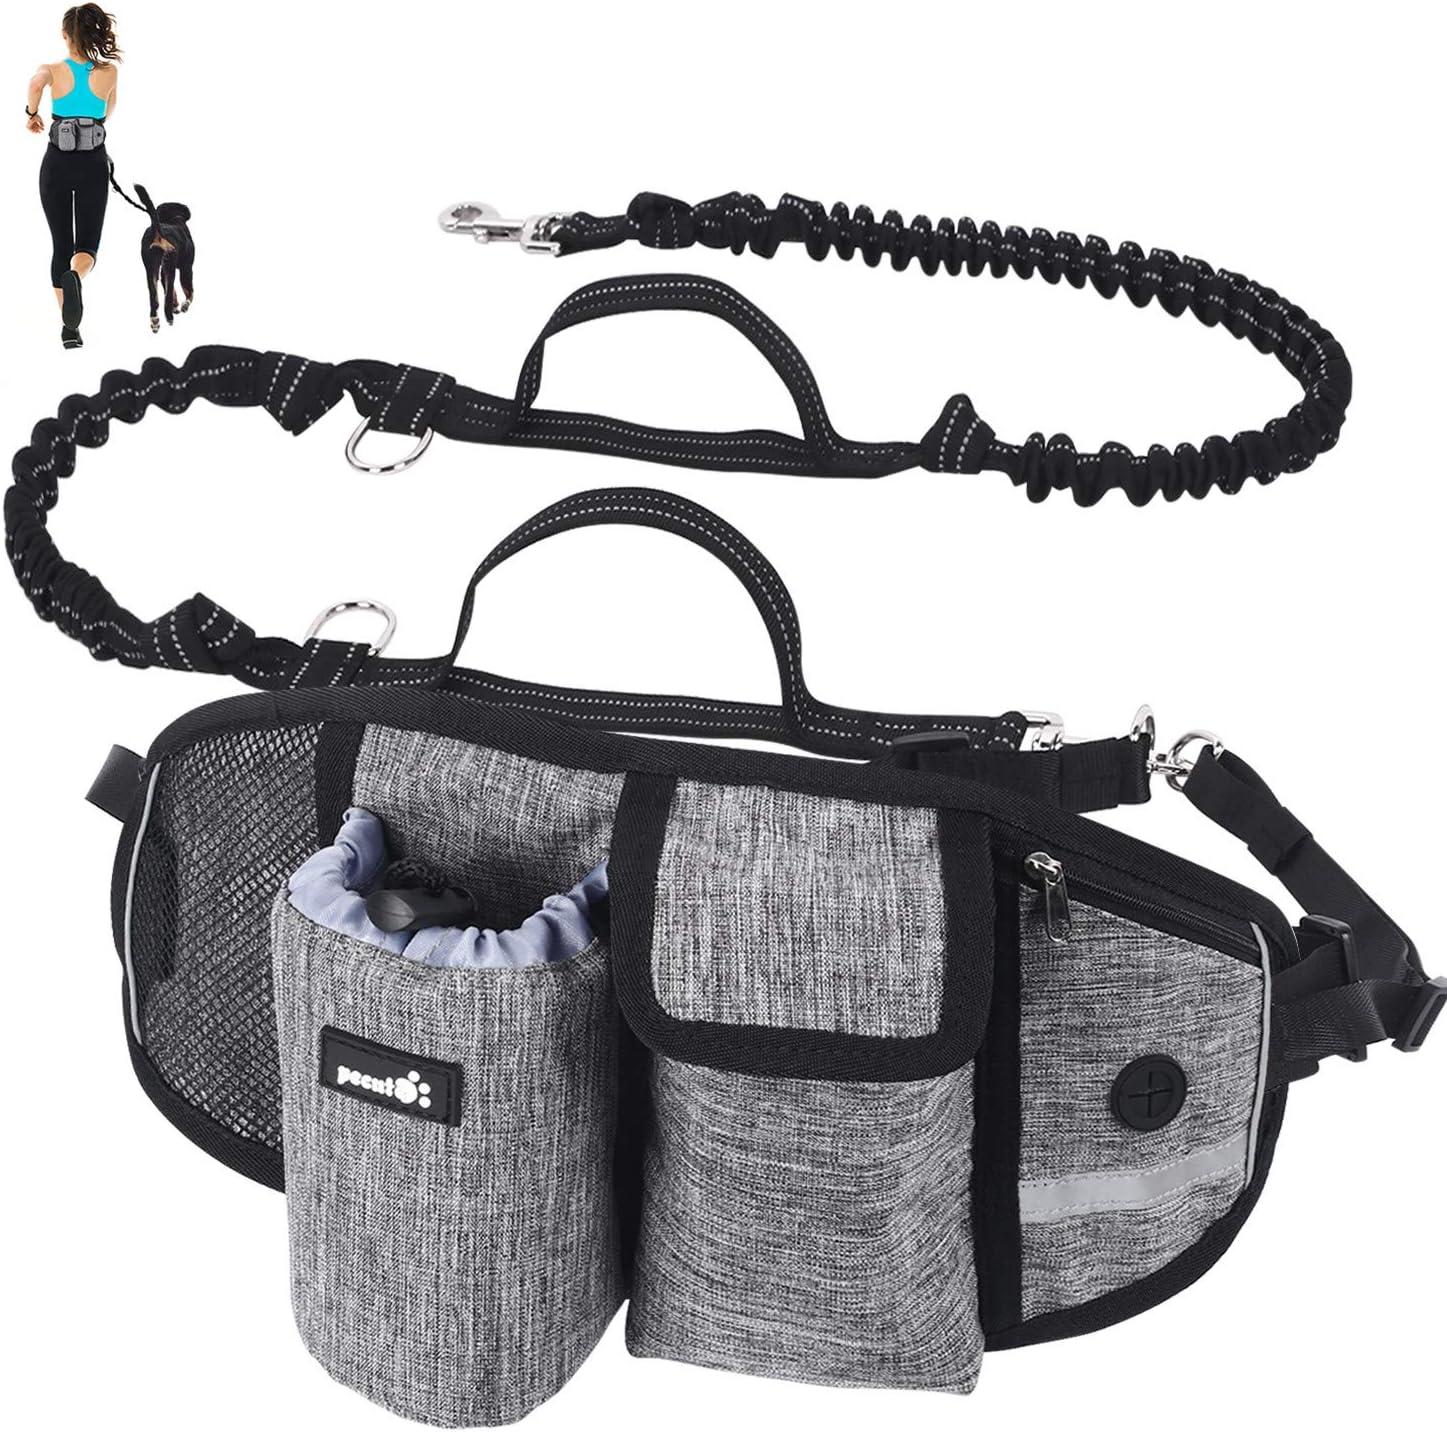 Pecute Correa Perro para Correr, Correa Manos Libres para Perros Proteger la Cintura con Costuras Reflectantes, Cinturones de Cintura Ajustables, Endure 110kg